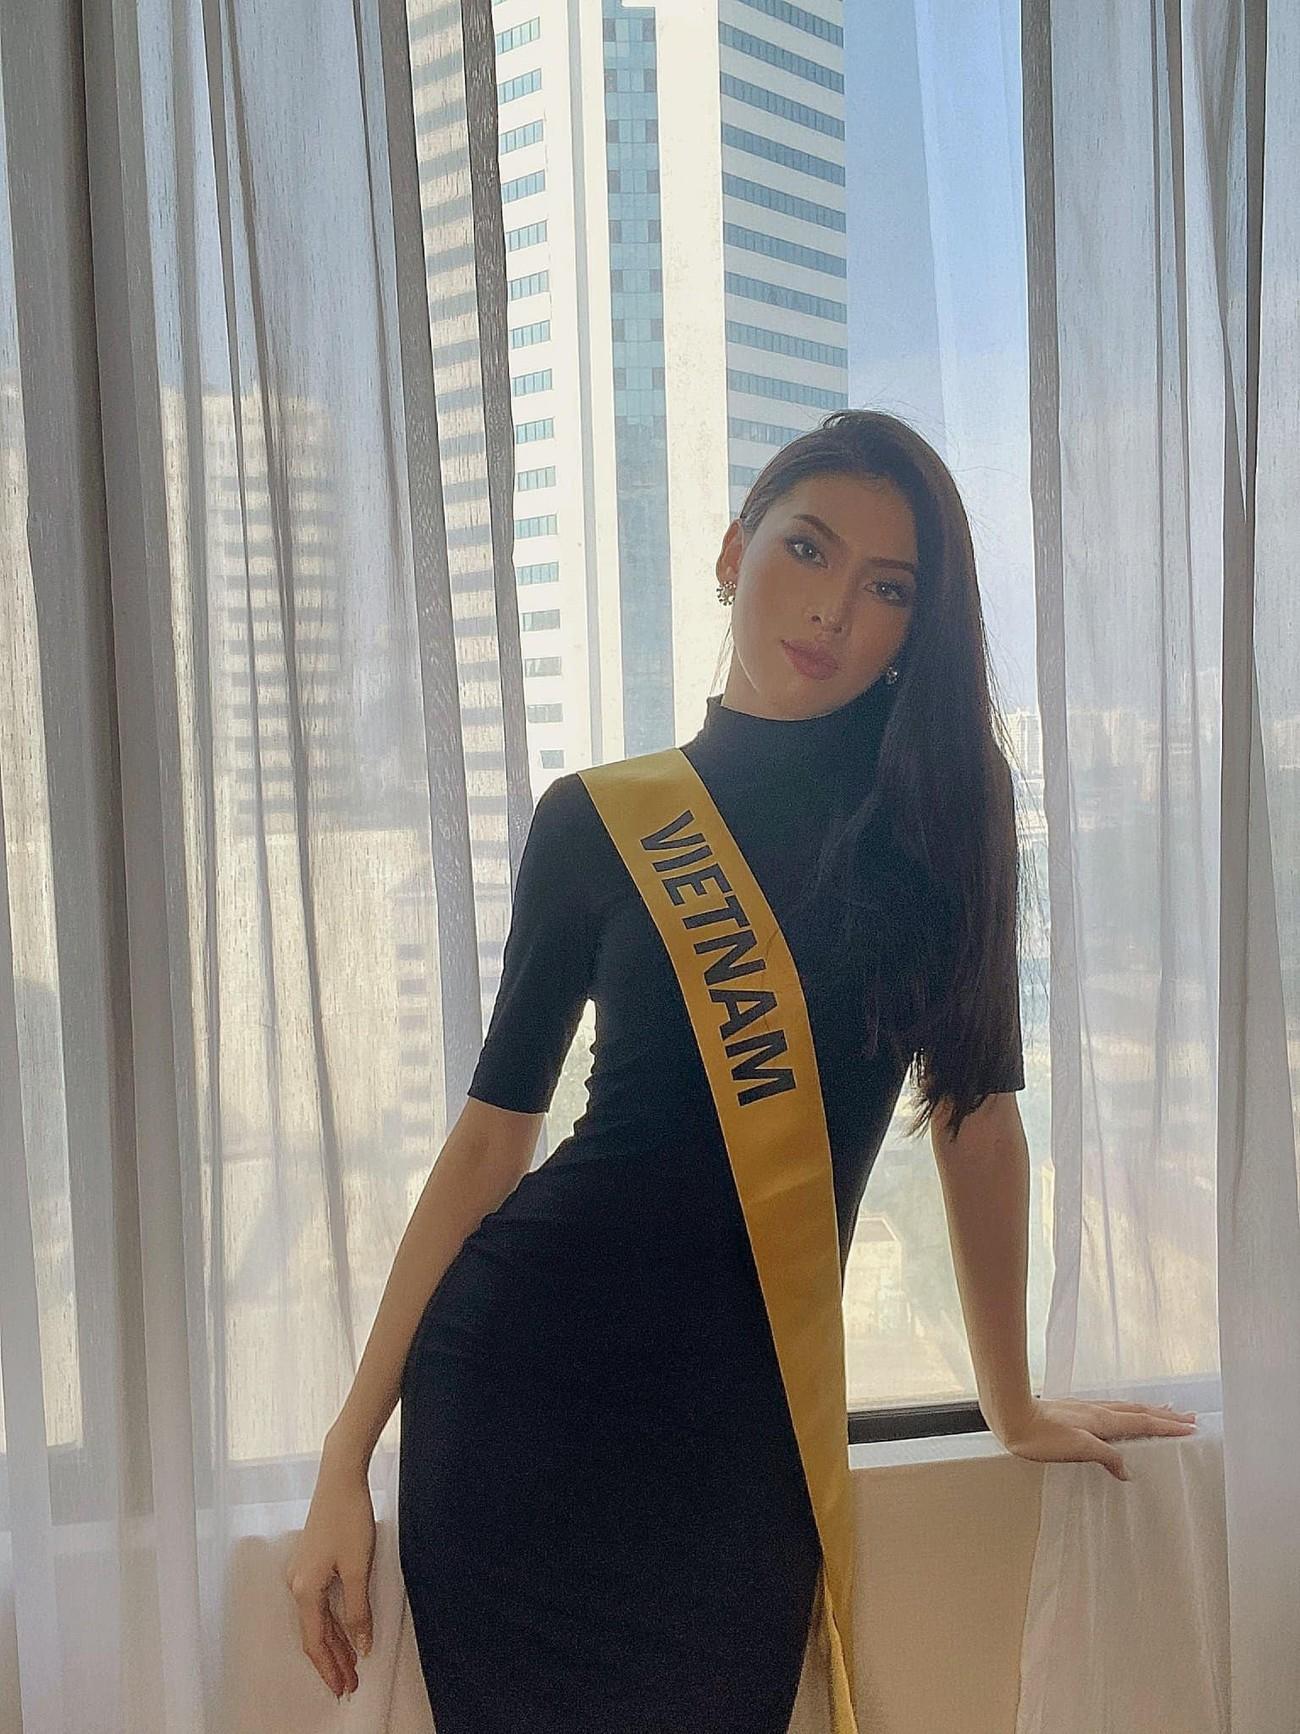 Lần đầu đeo sash Miss Grand Vietnam ở Thái Lan, Ngọc Thảo mặc váy bó sát gợi cảm gây chú ý ảnh 2